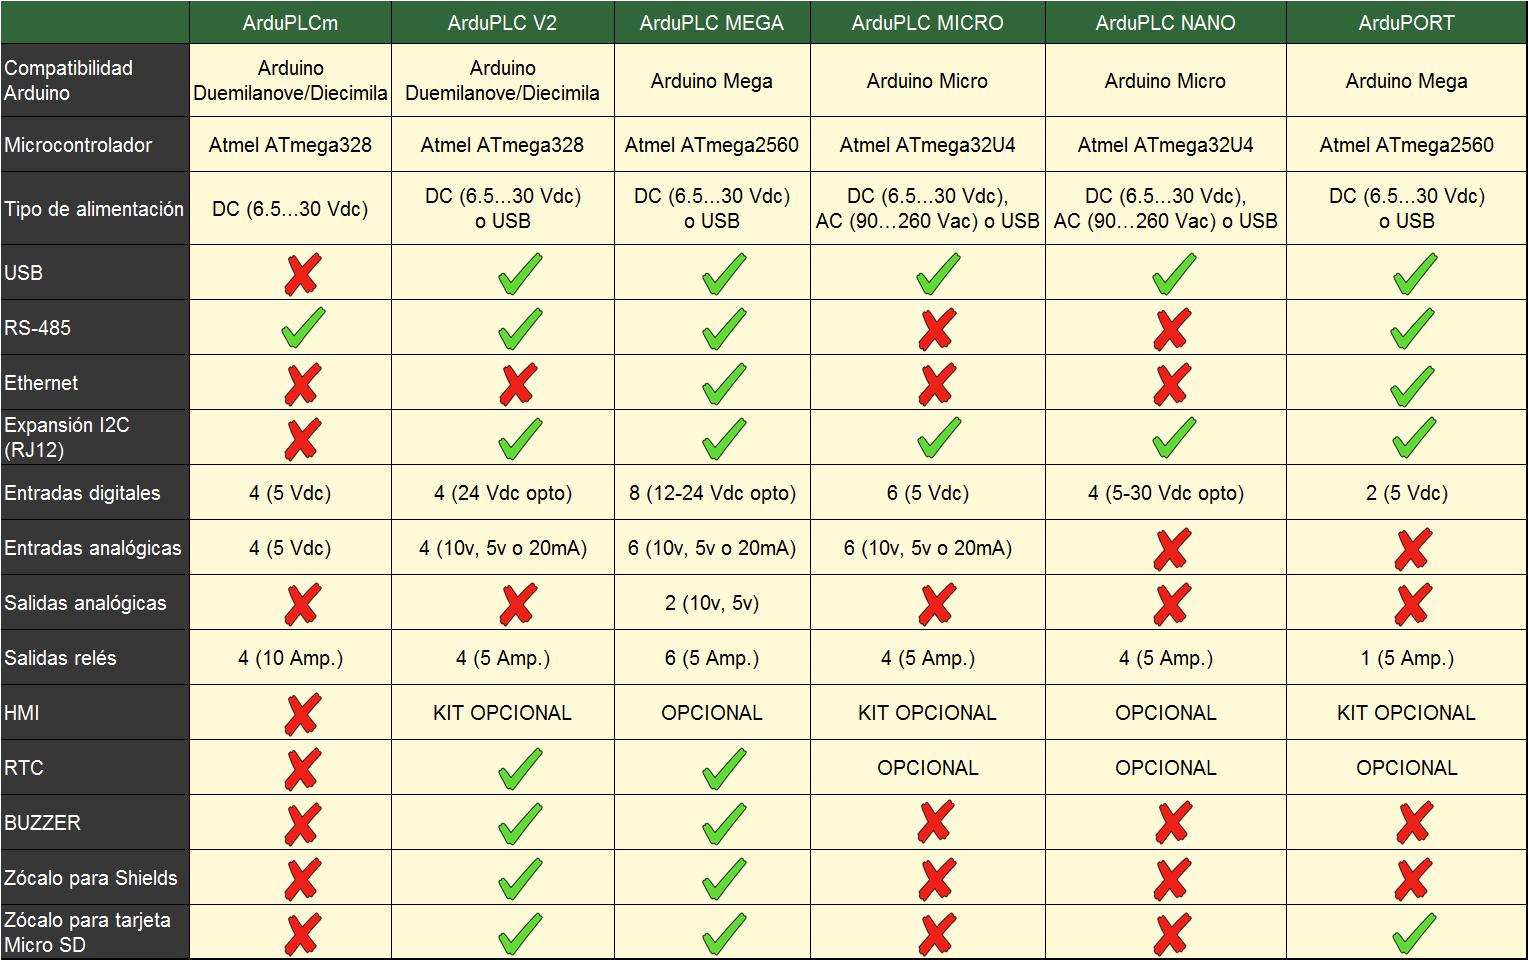 Tabla comparativa ArduPLC